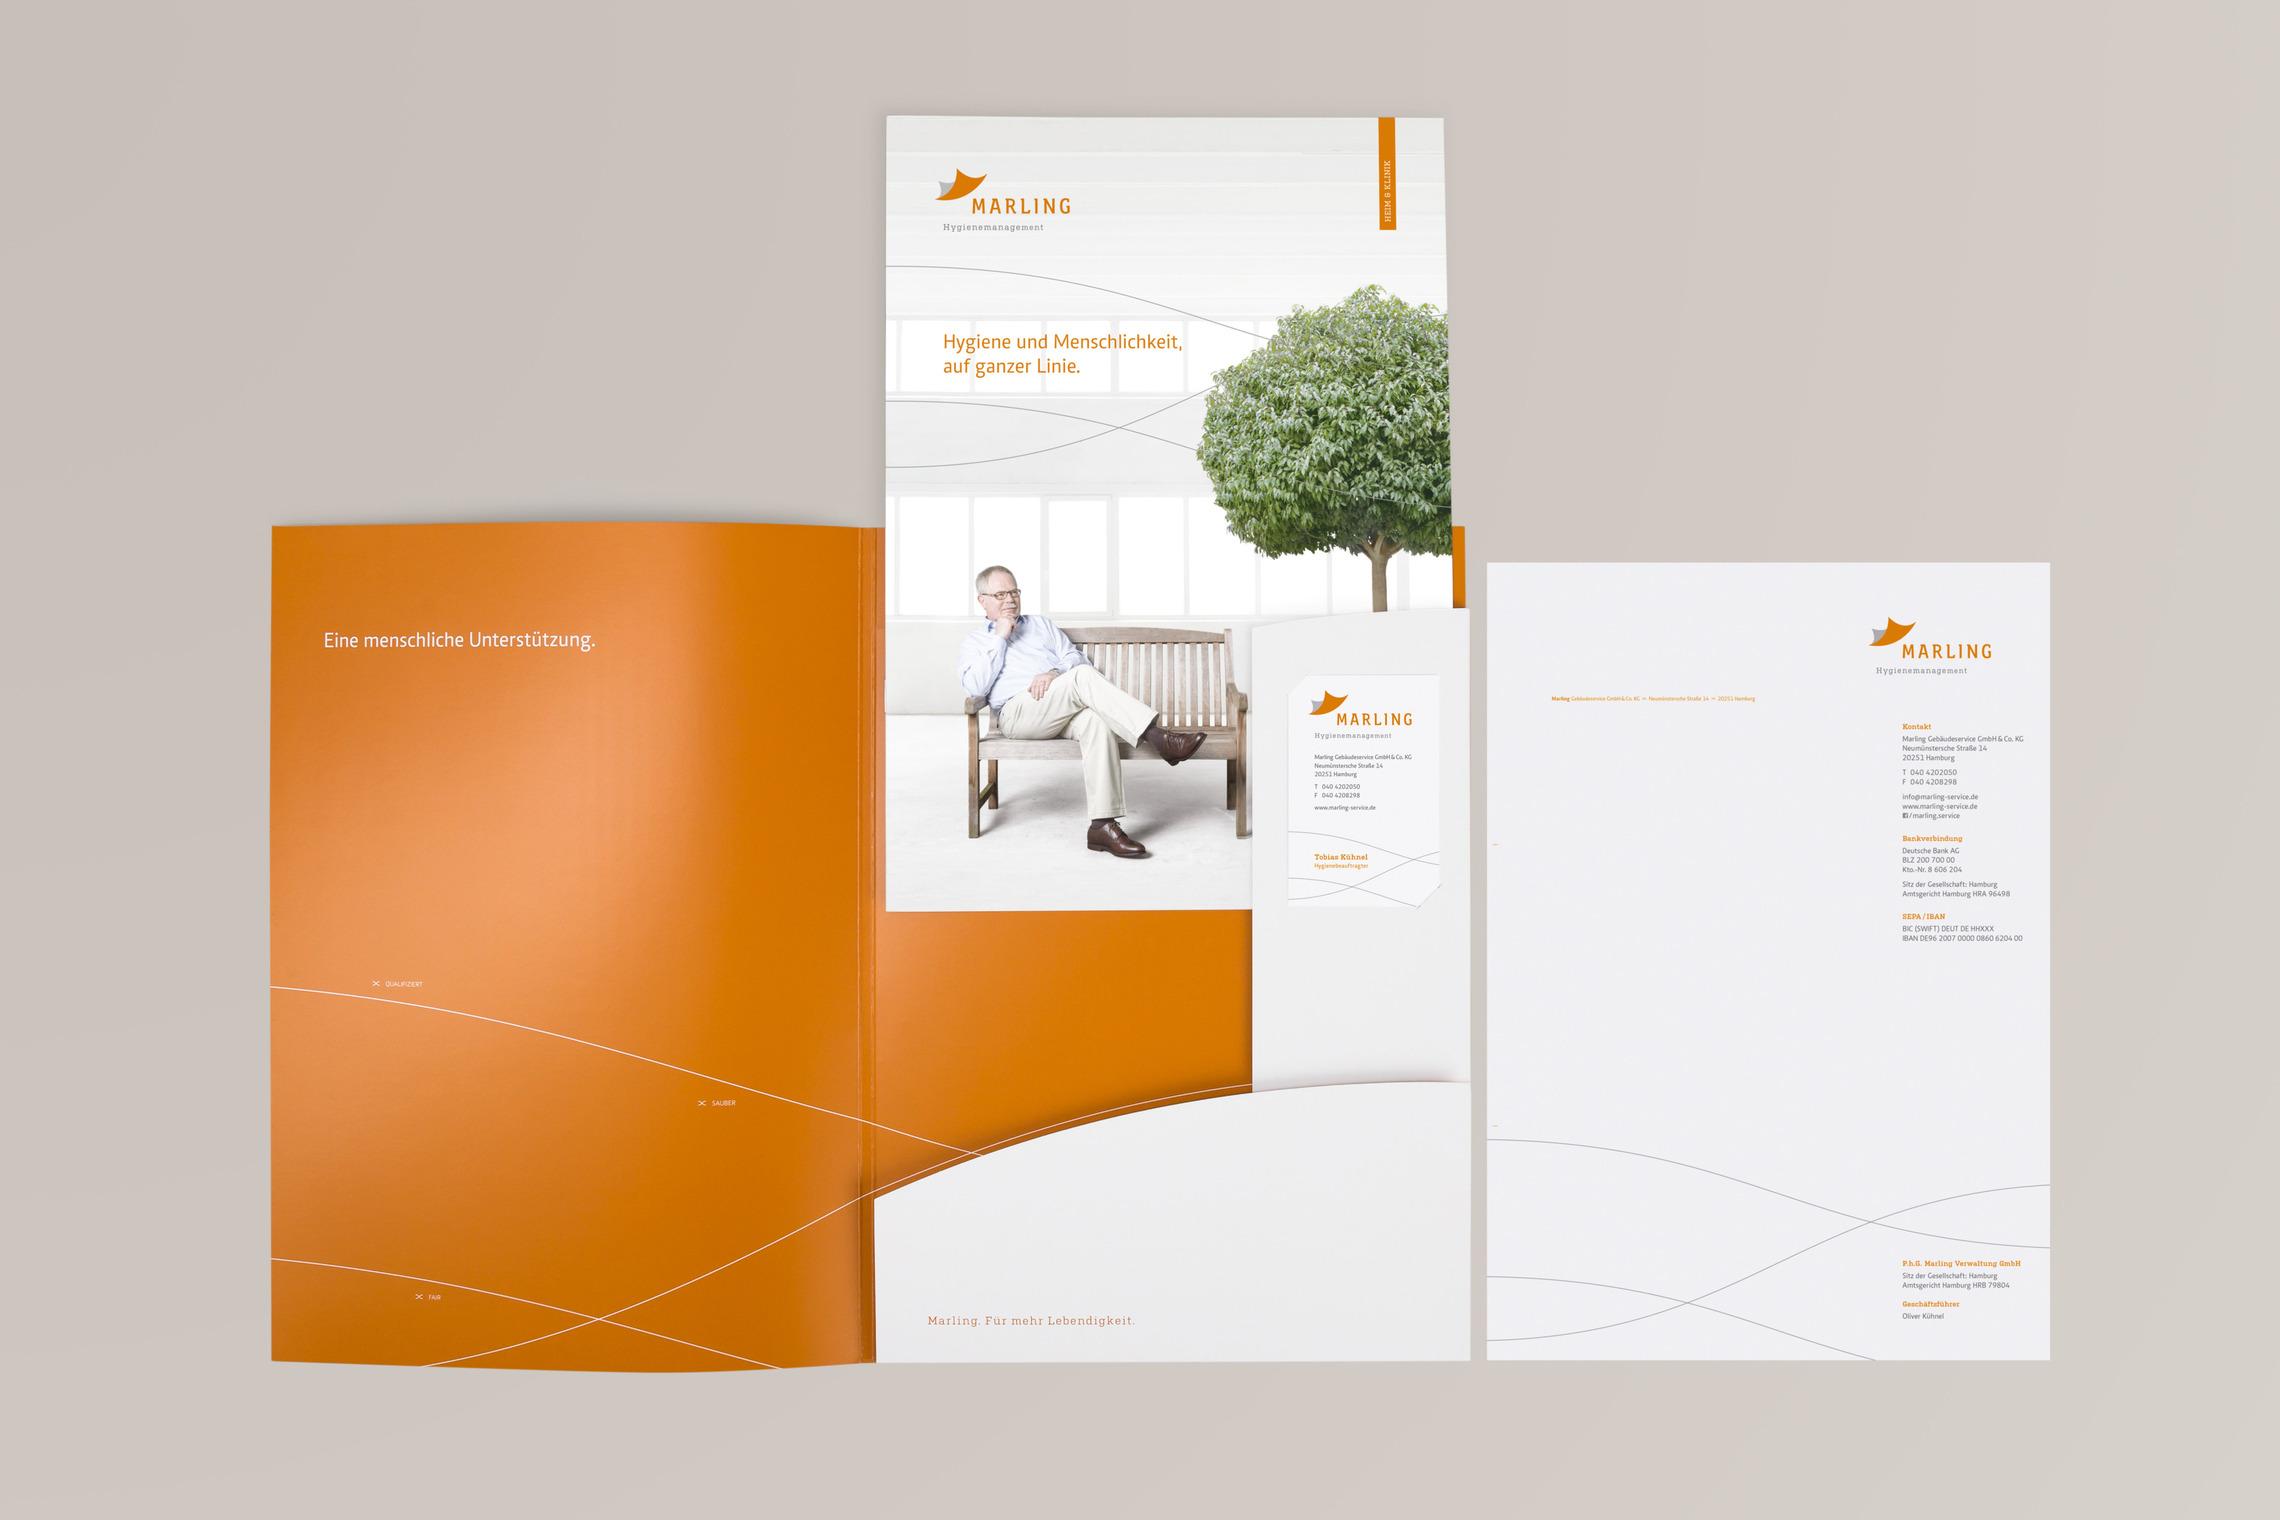 Die Konzeption und Umsetzung von Pressemappen war integraler Teil der Maßnahmenplanung für Marling.